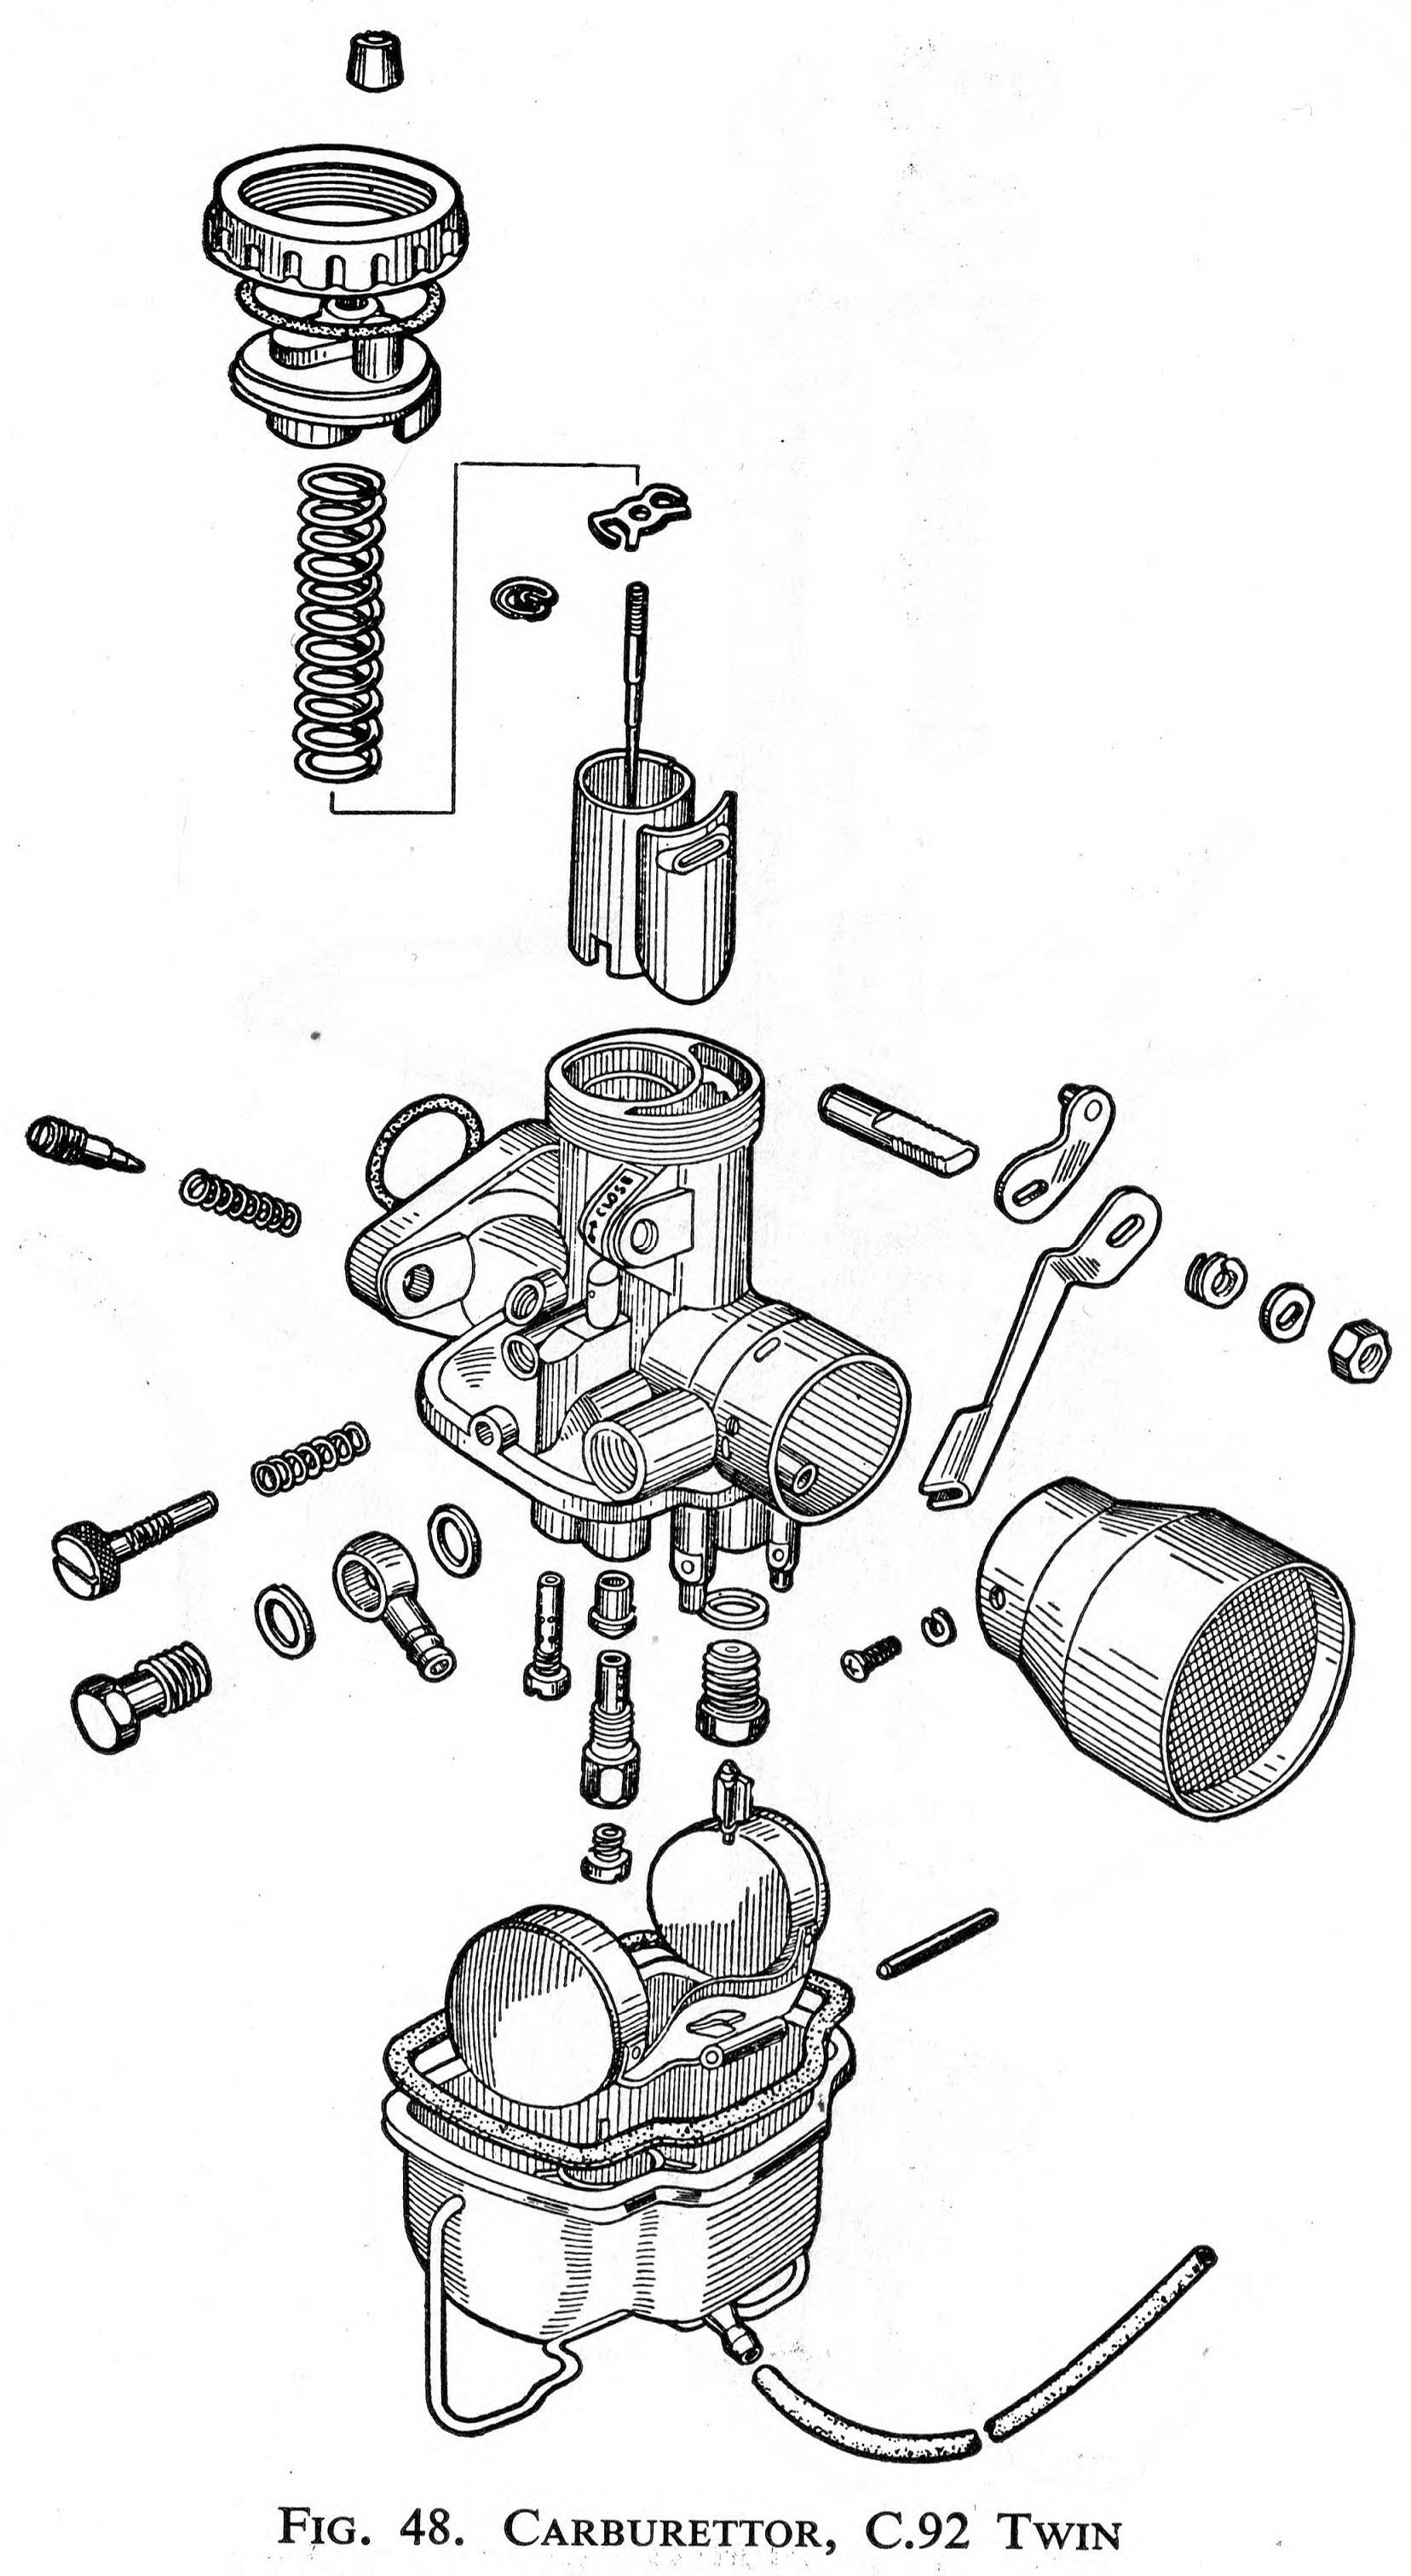 Carburetor for the Honda C92 Twin